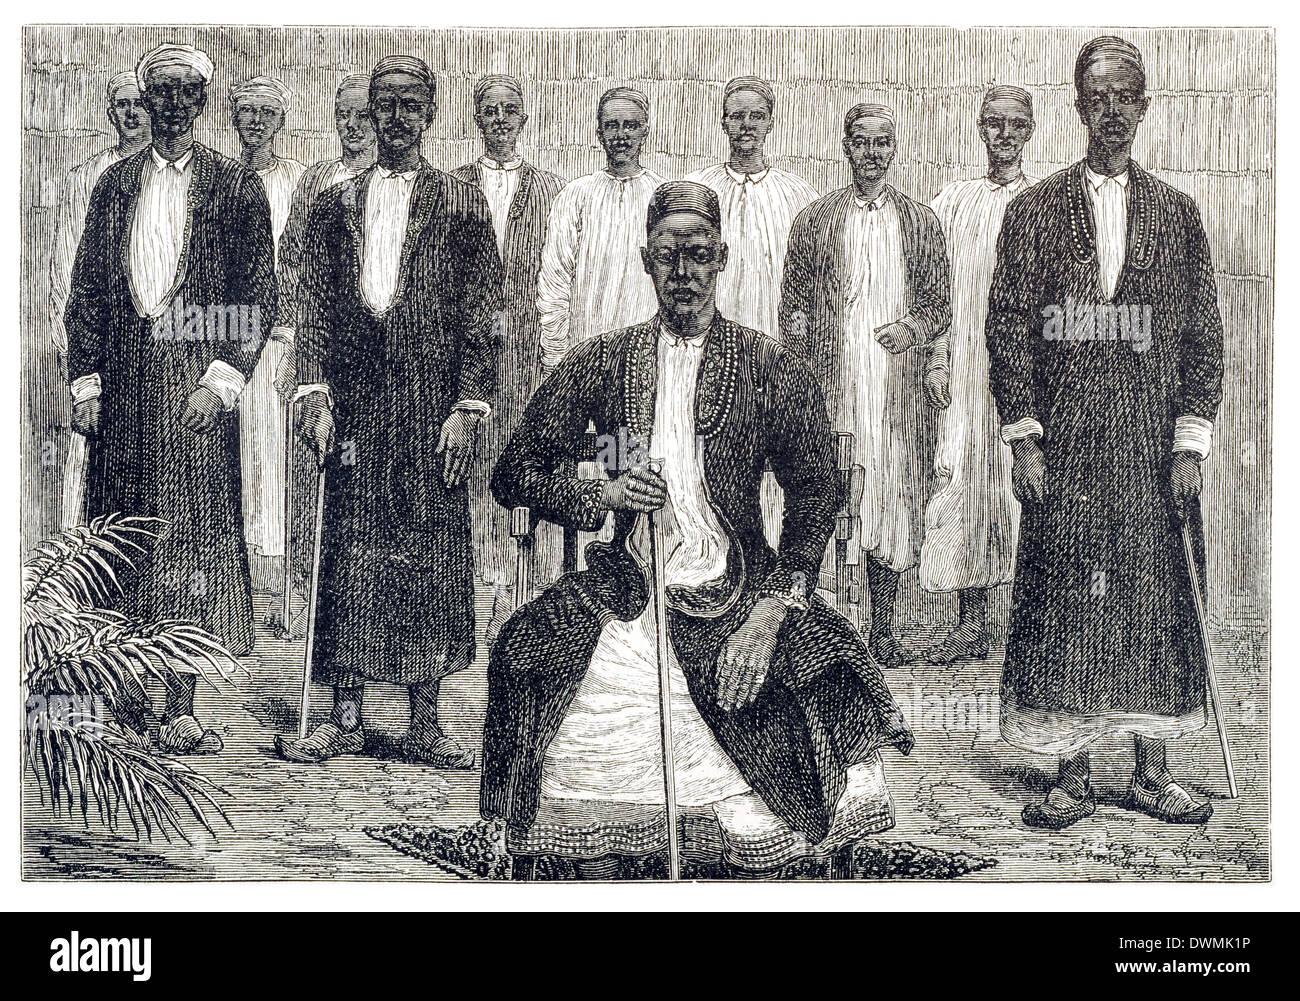 Stammesführer l/r Sekeboro Chef des Chagwe, Pokino der Premierminister Mtesa der Kaiser von Uganda, Chambarango der Chef. Stockbild